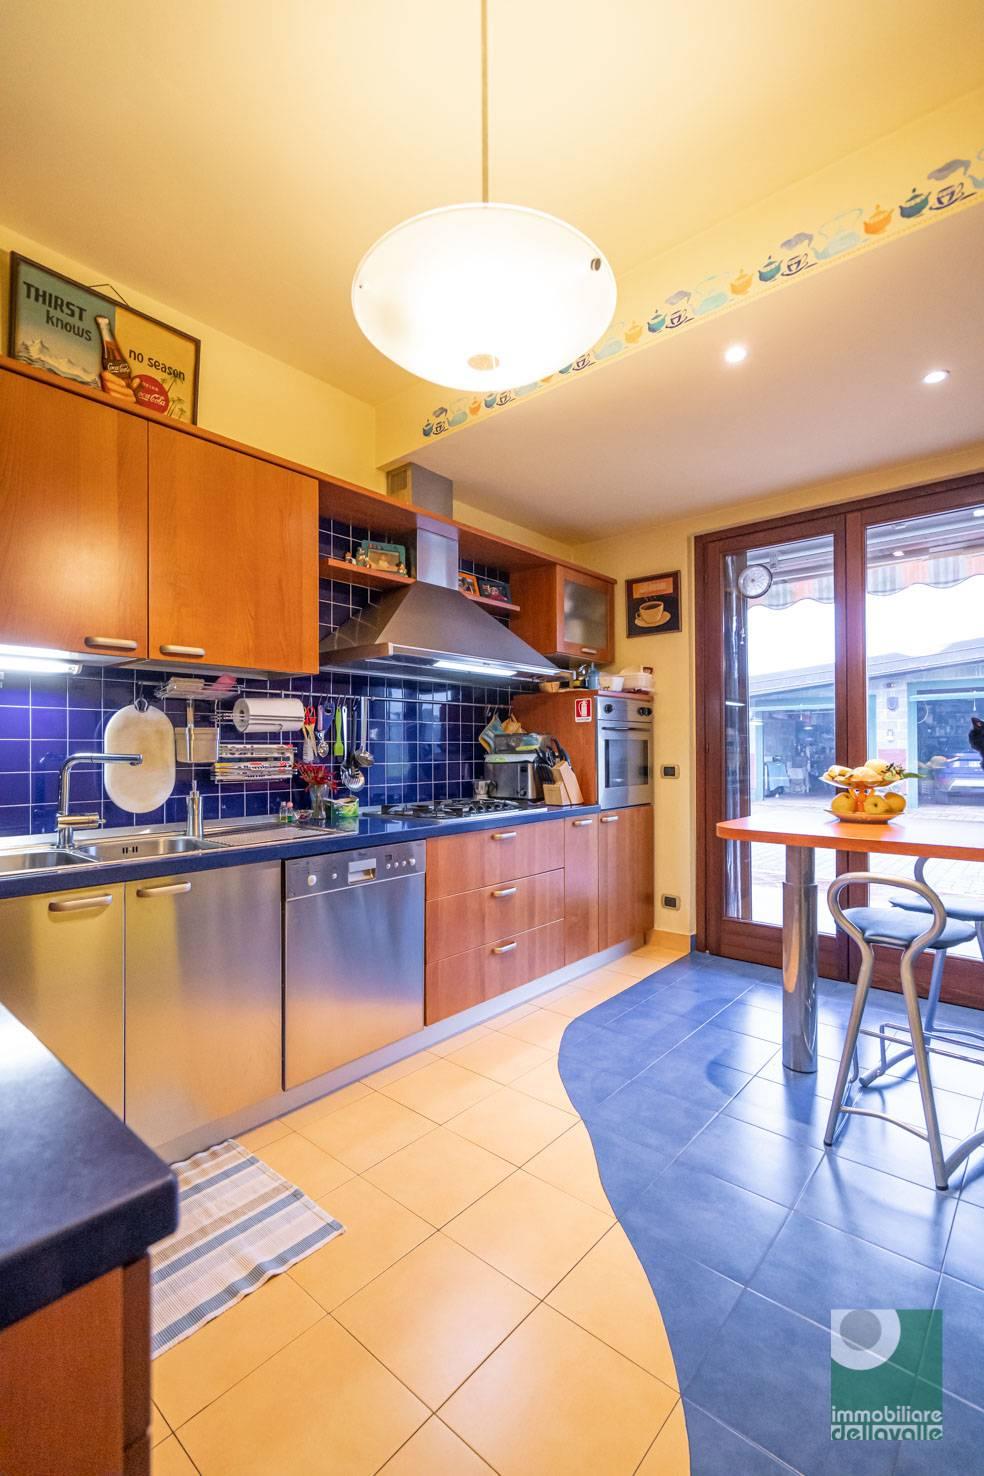 Villa in vendita a Oleggio, 5 locali, prezzo € 295.000 | CambioCasa.it